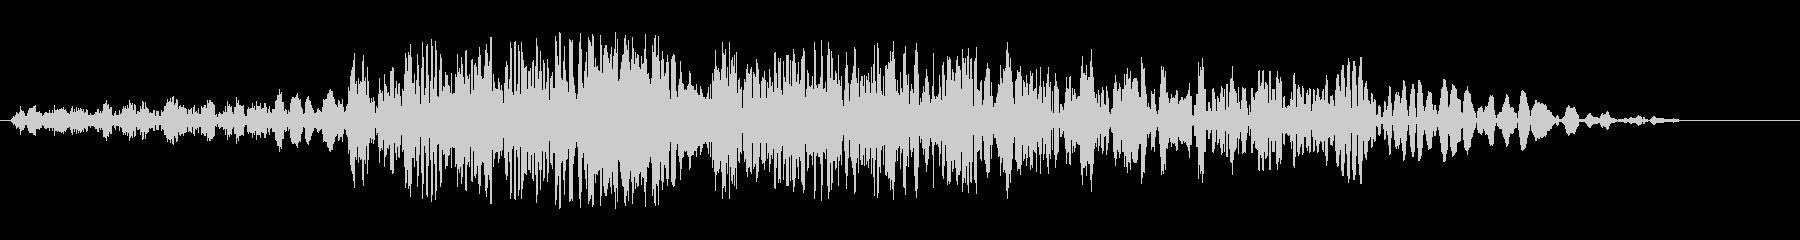 グルグルビシューン(風の音)の未再生の波形